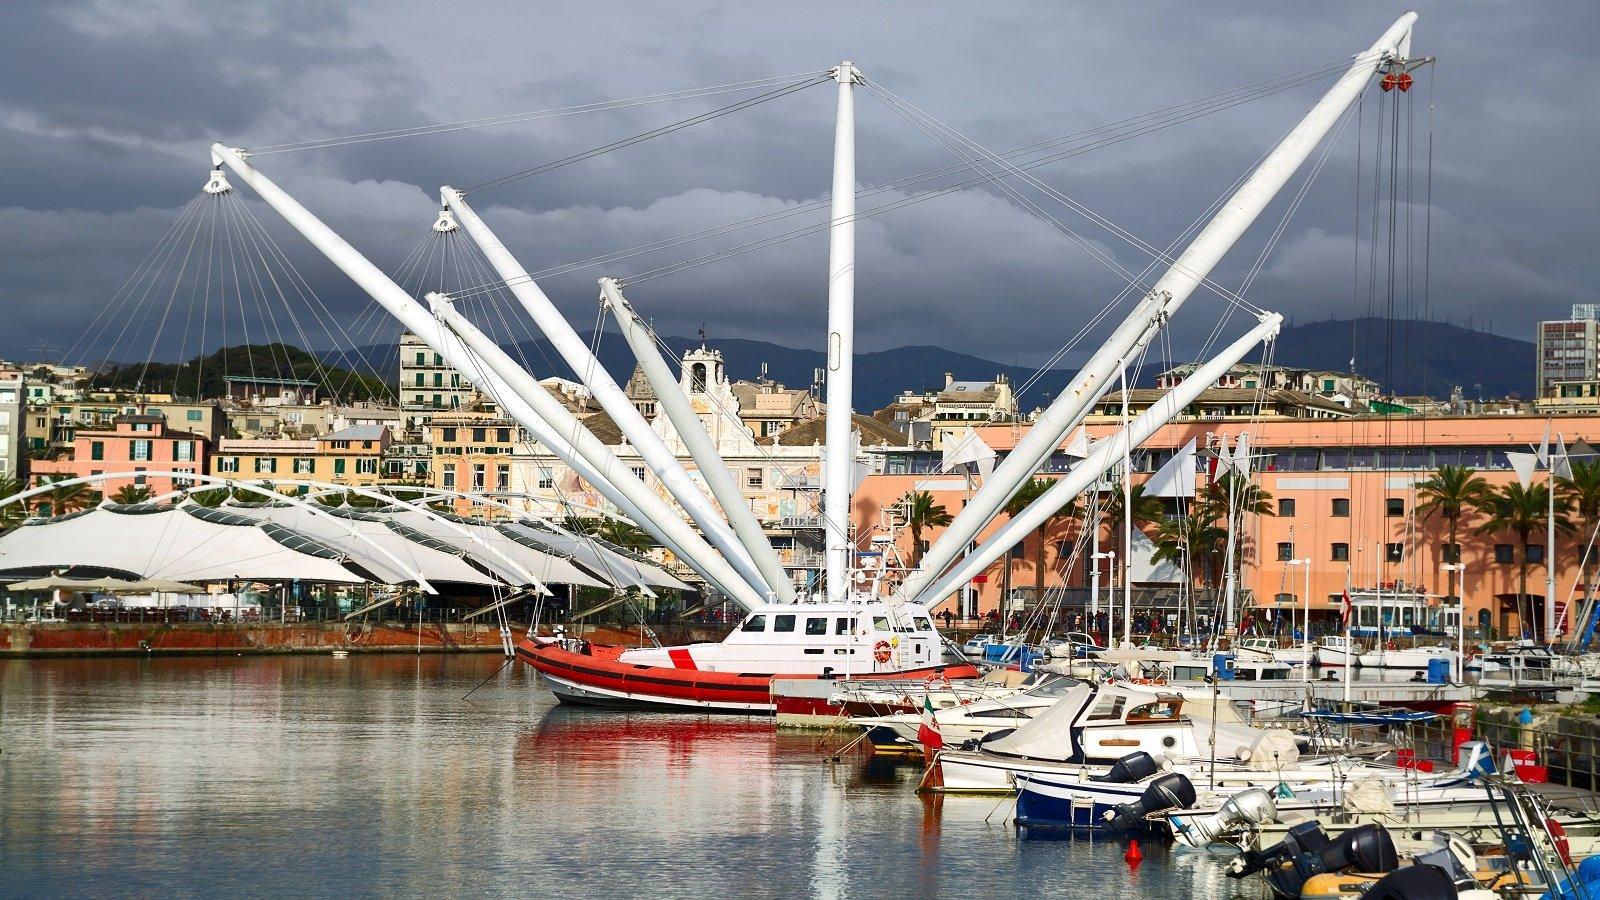 una barca in un porto